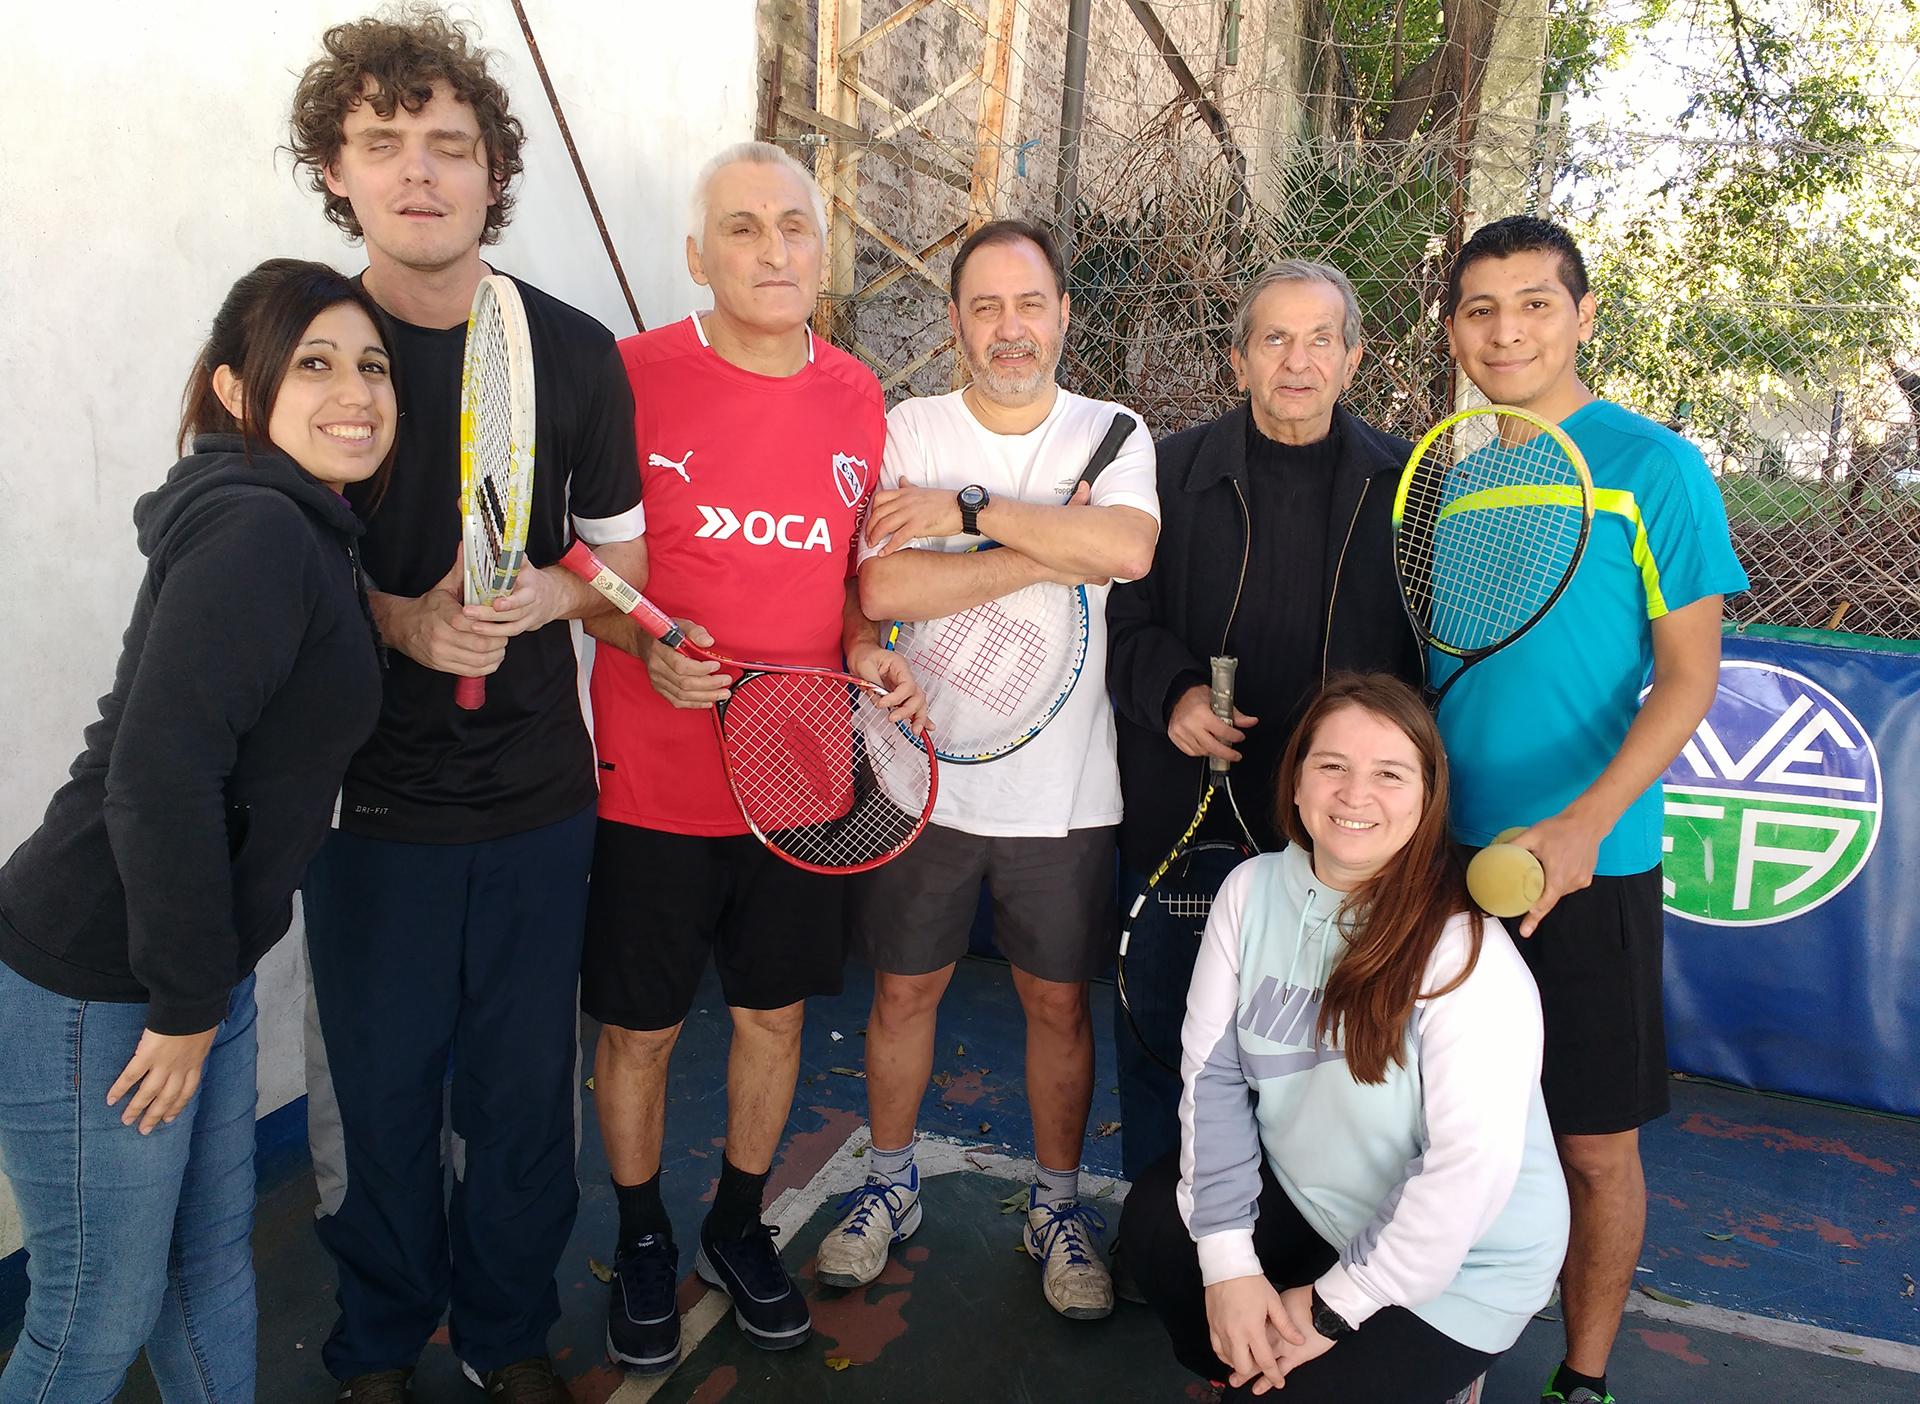 Andrés Terrile al lado del equipo de Full Tenis